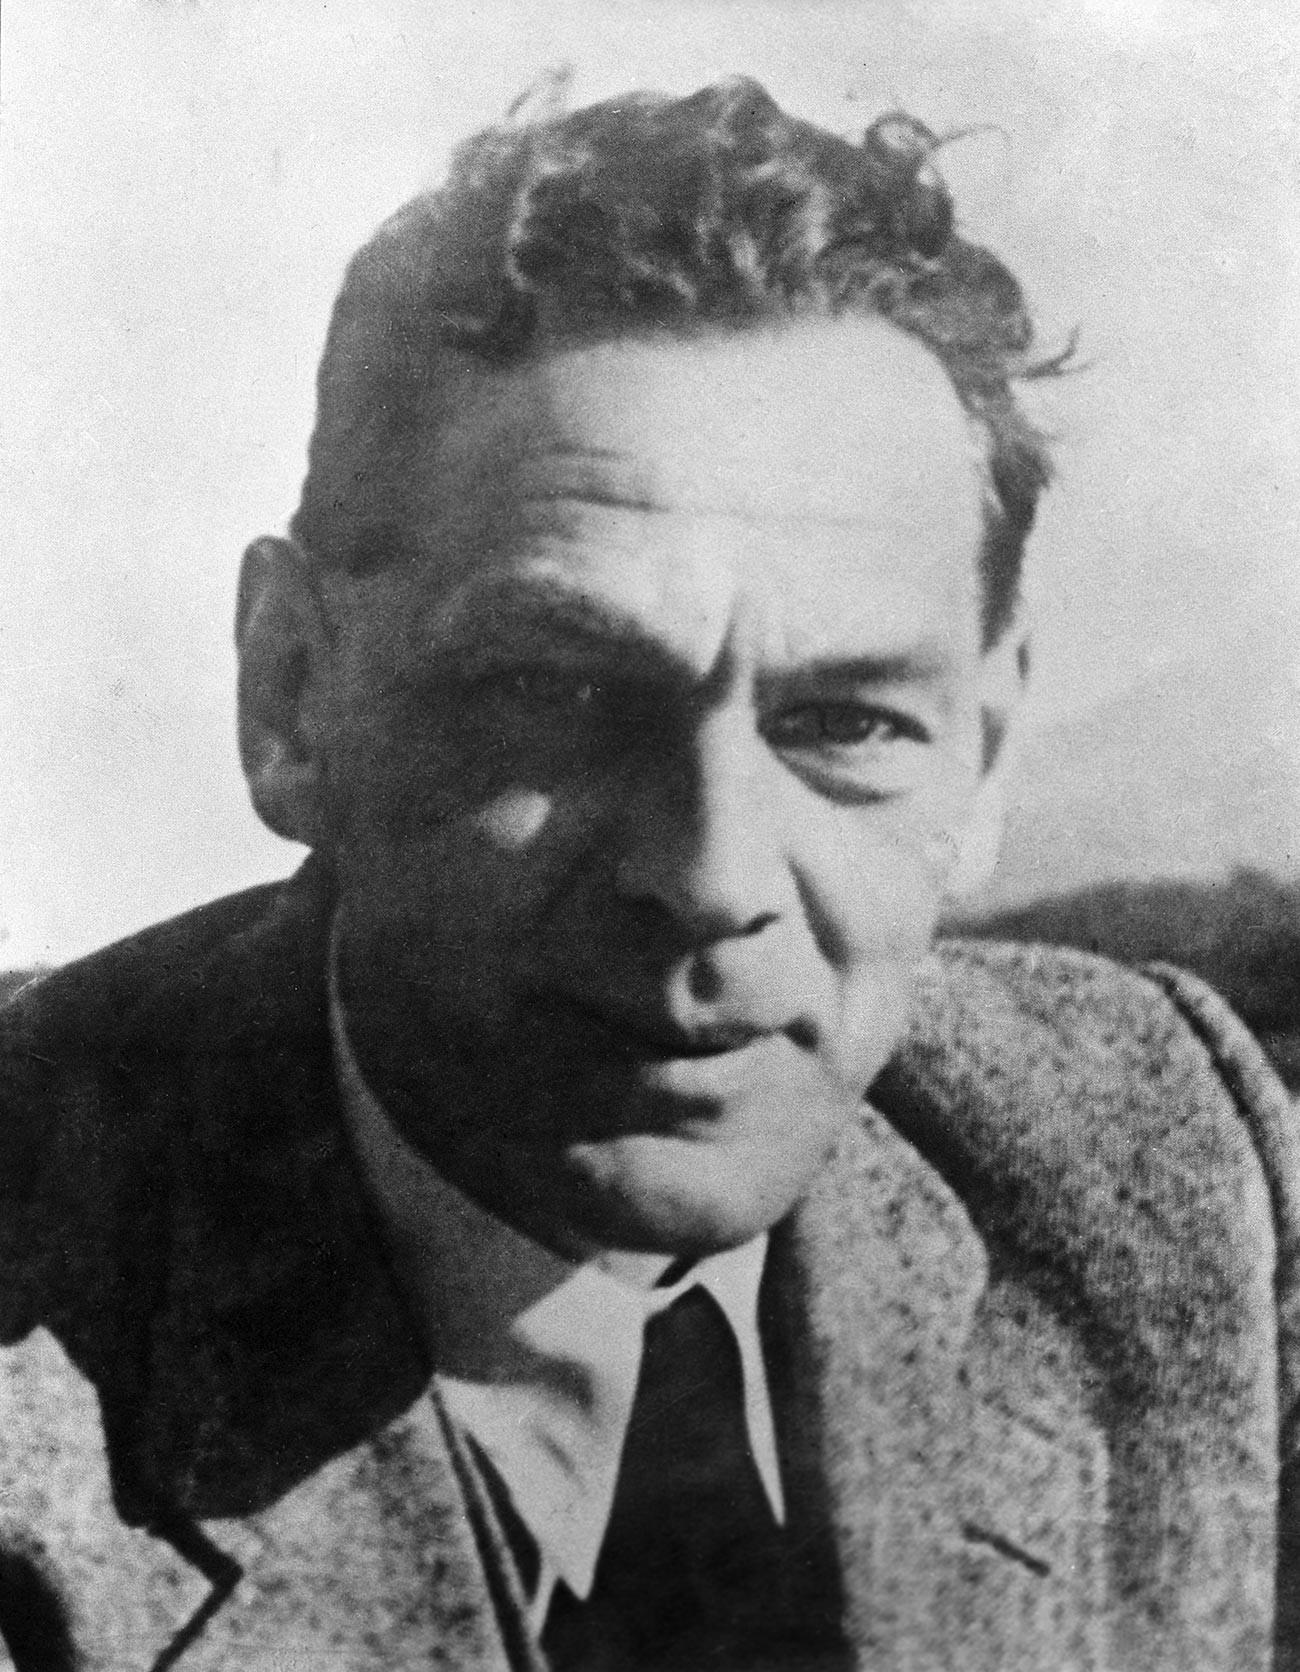 Héros de l'Union soviétique, Richard Sorge